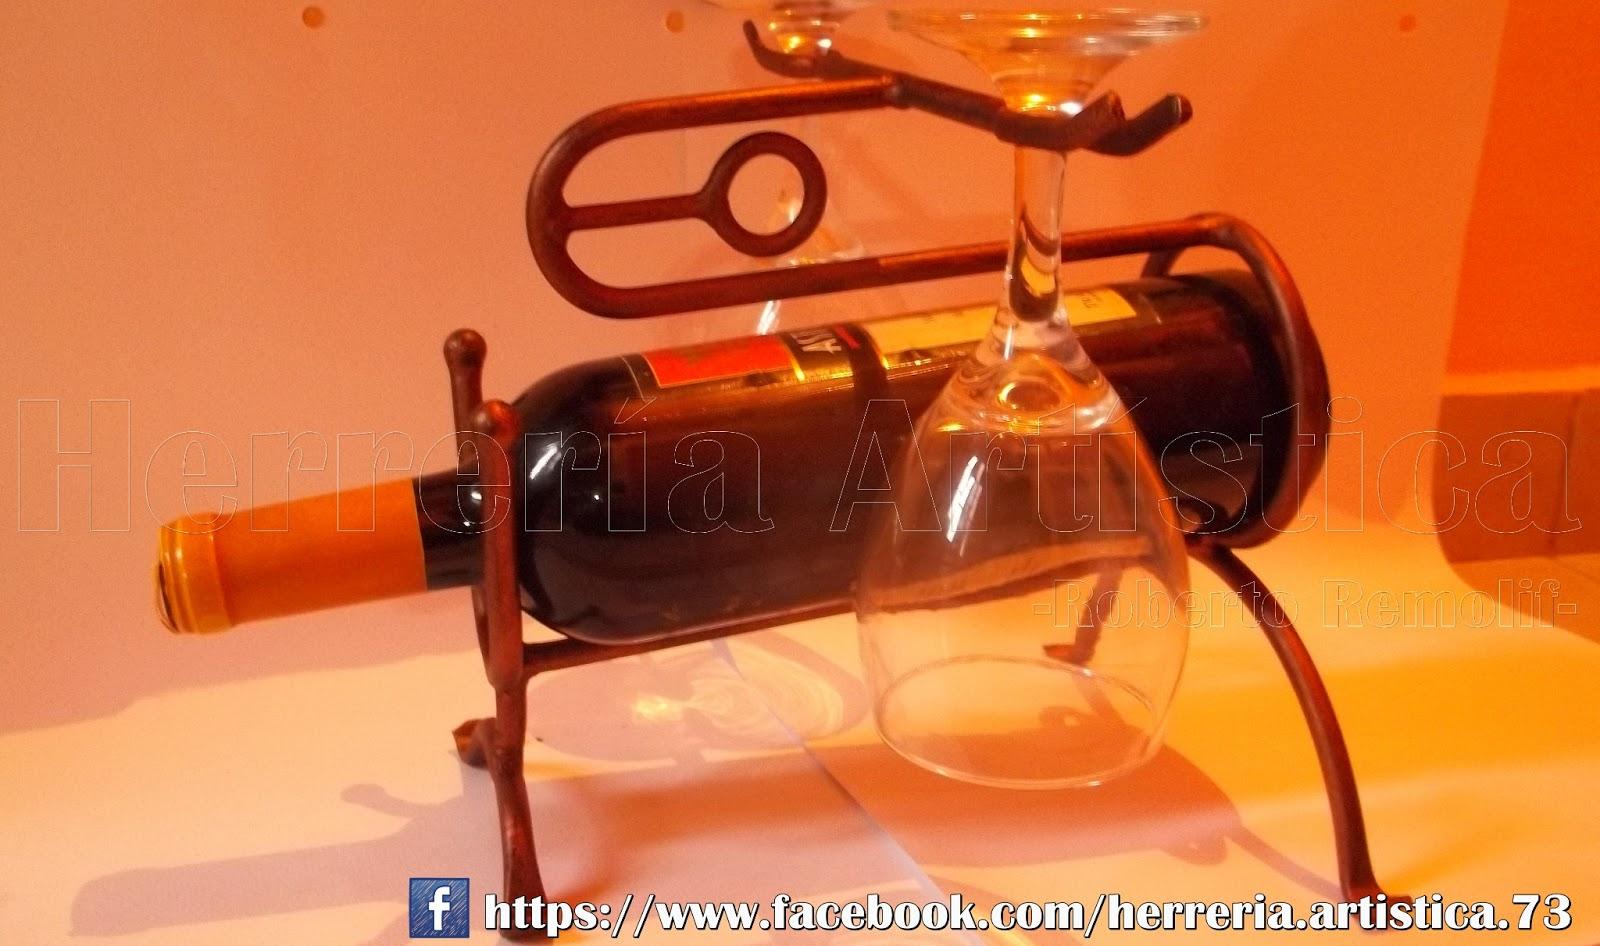 Posa botella y copas herrer a art stica for Bancas para jardin de herreria